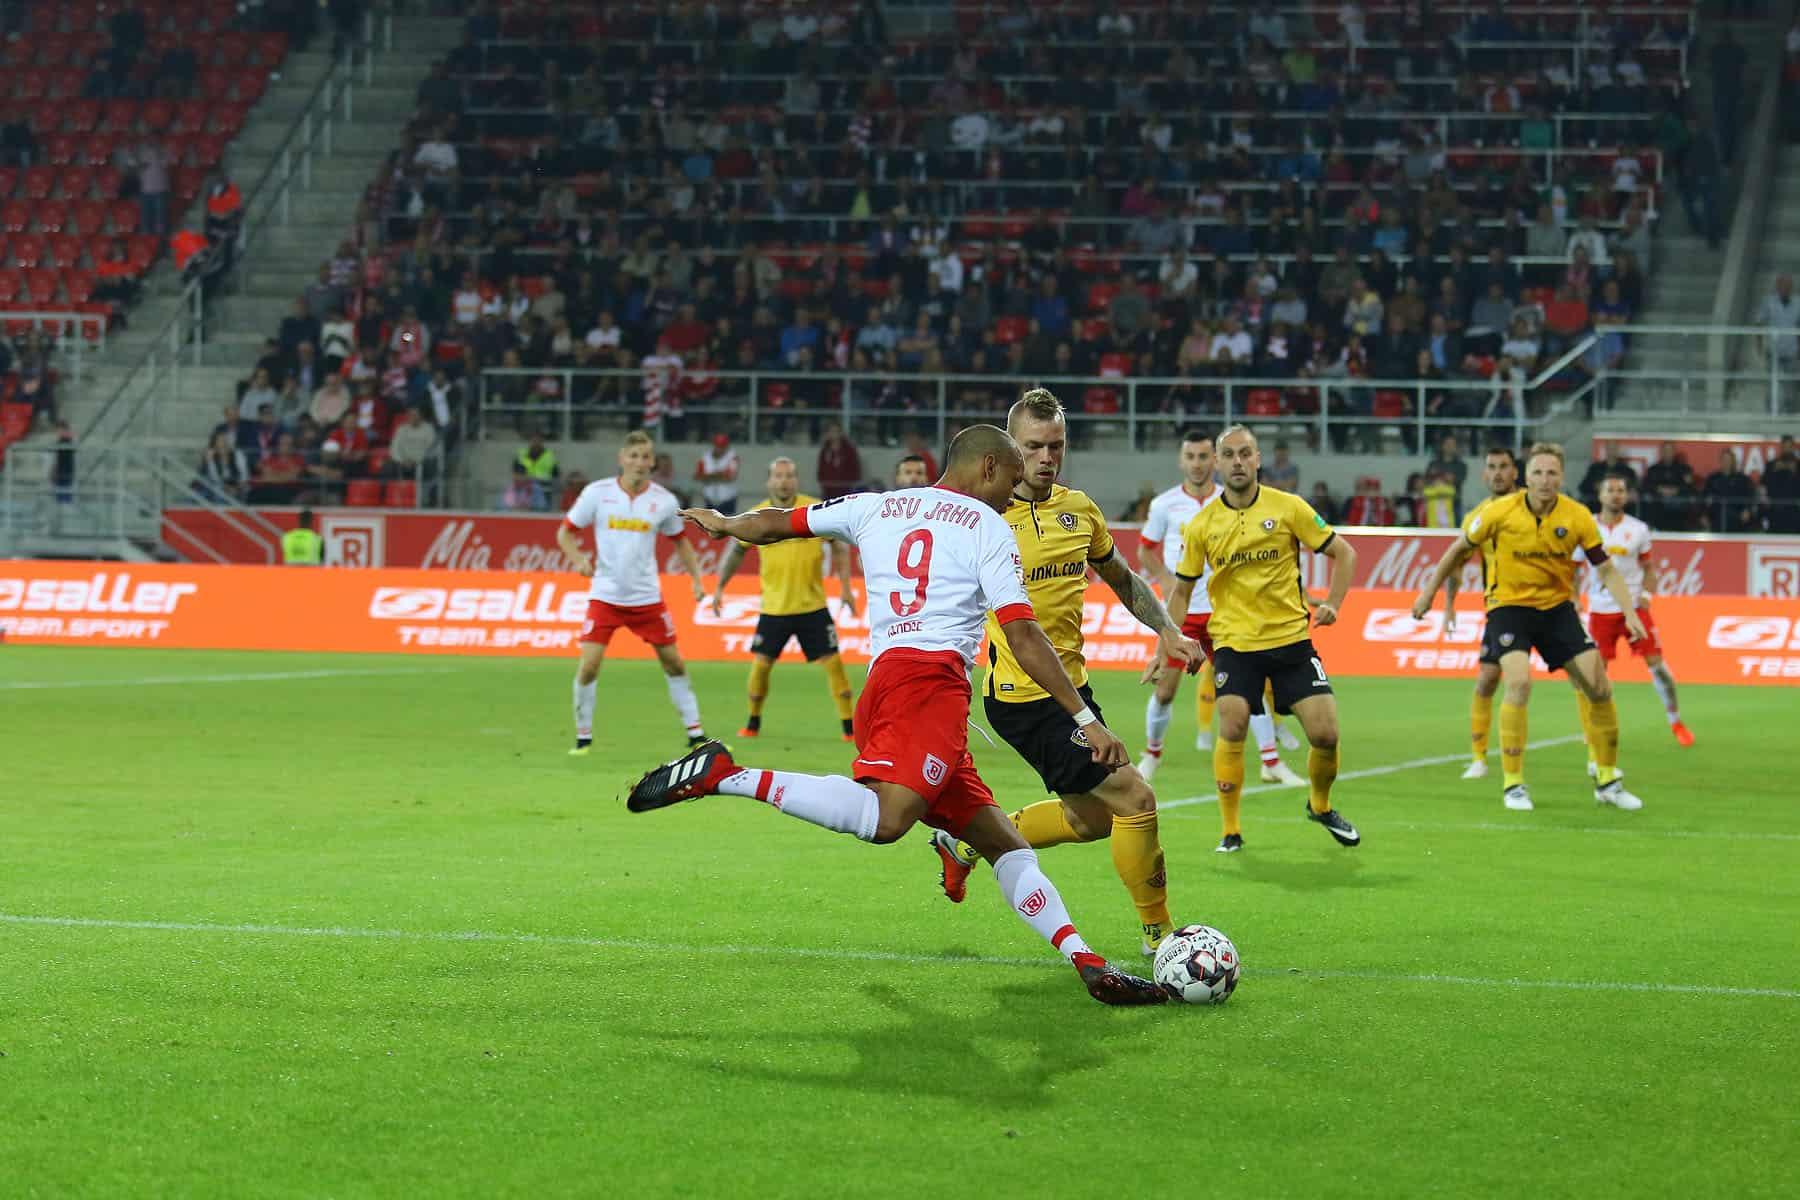 Der SSV Jahn Regensburg gastiert am Sonntag beim Hamburger SV